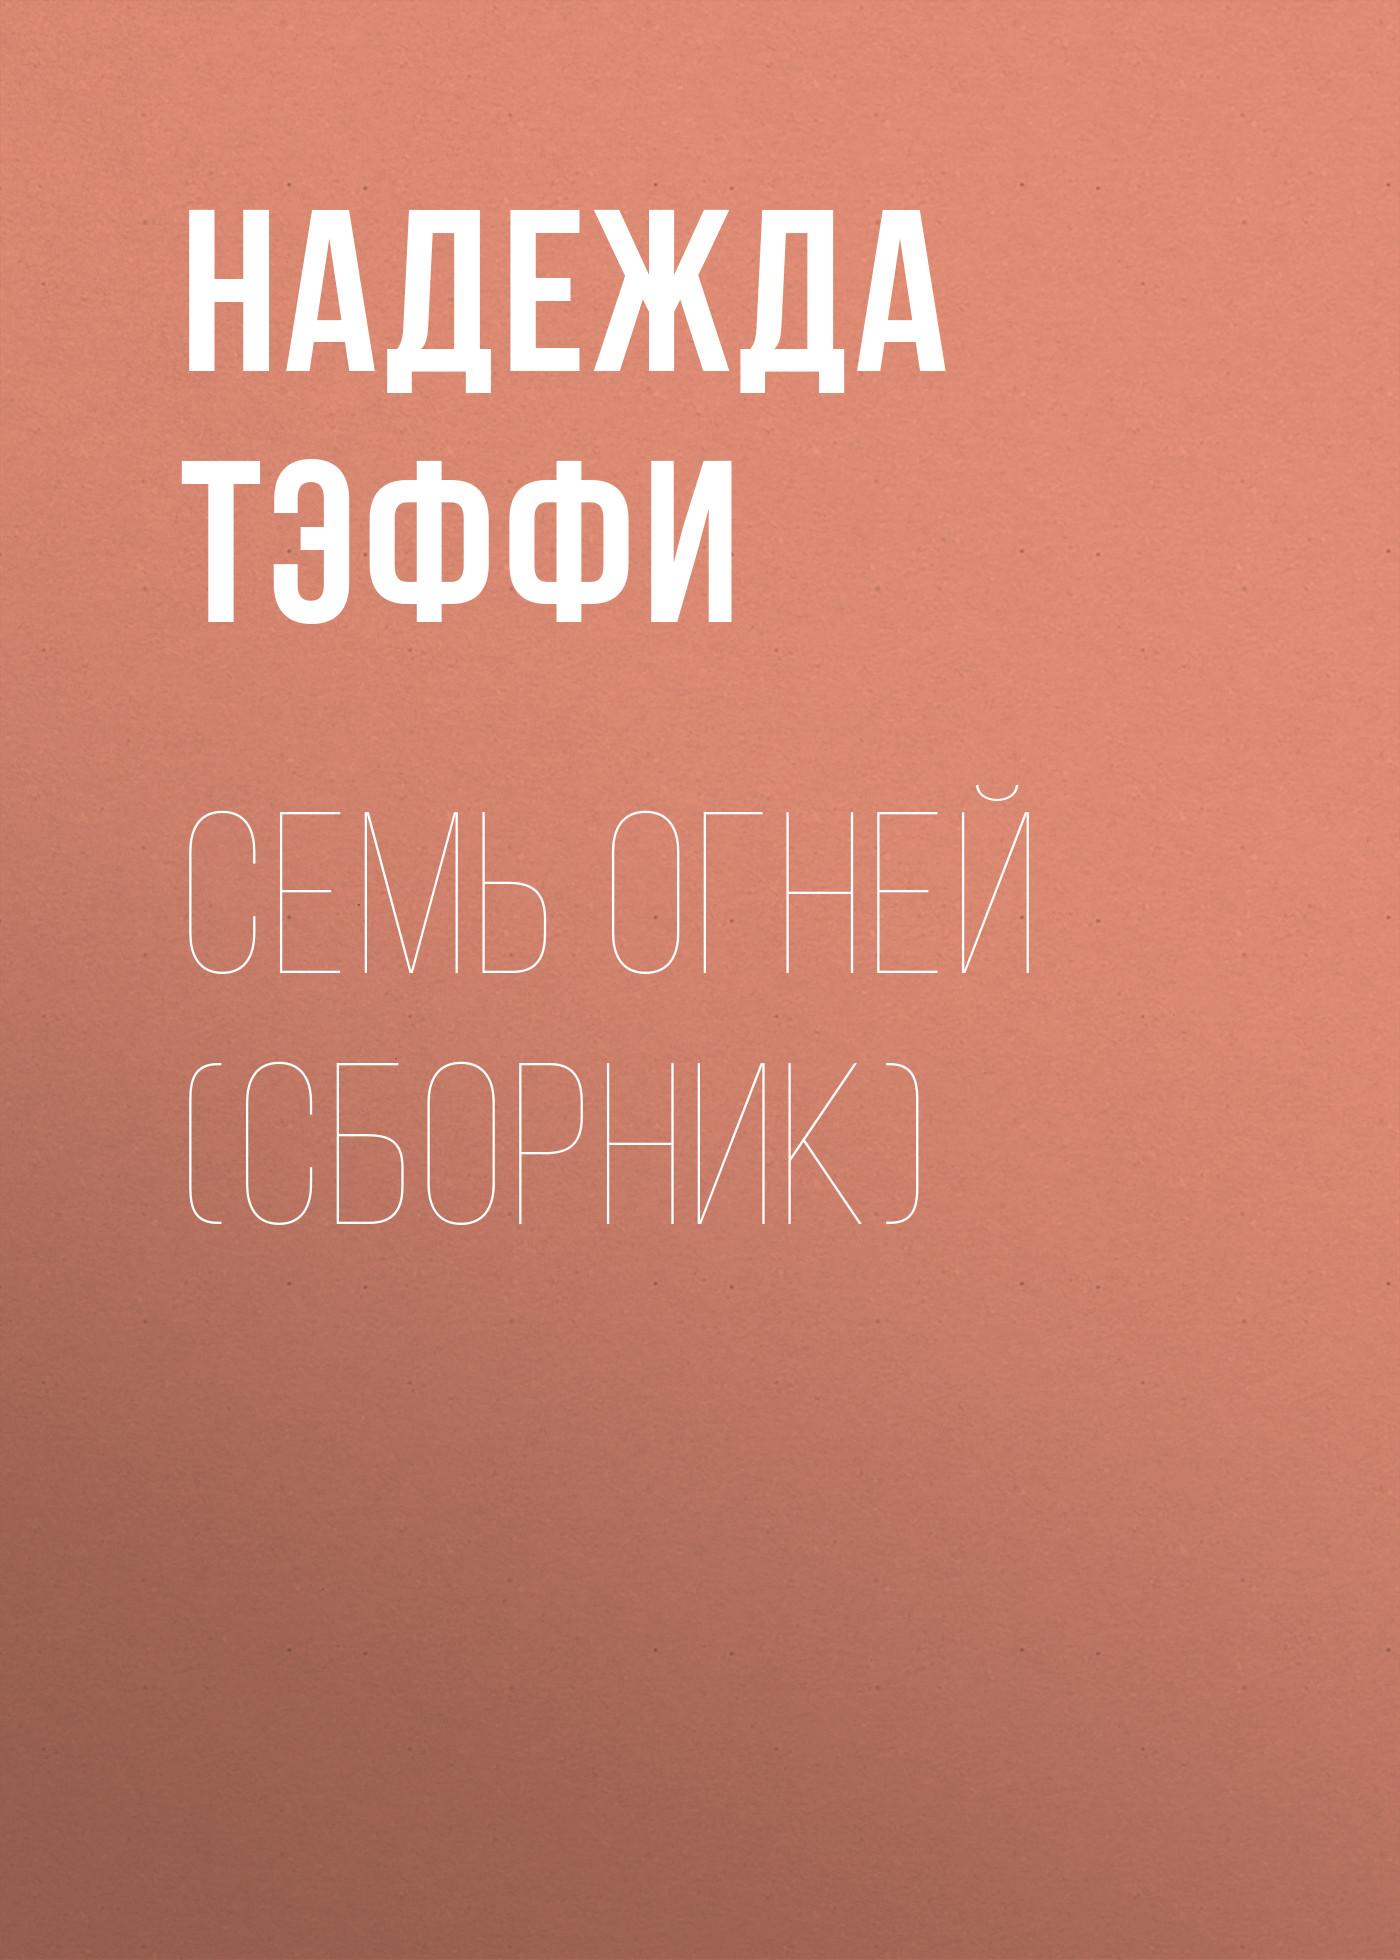 Надежда Тэффи Семь огней (сборник) цена